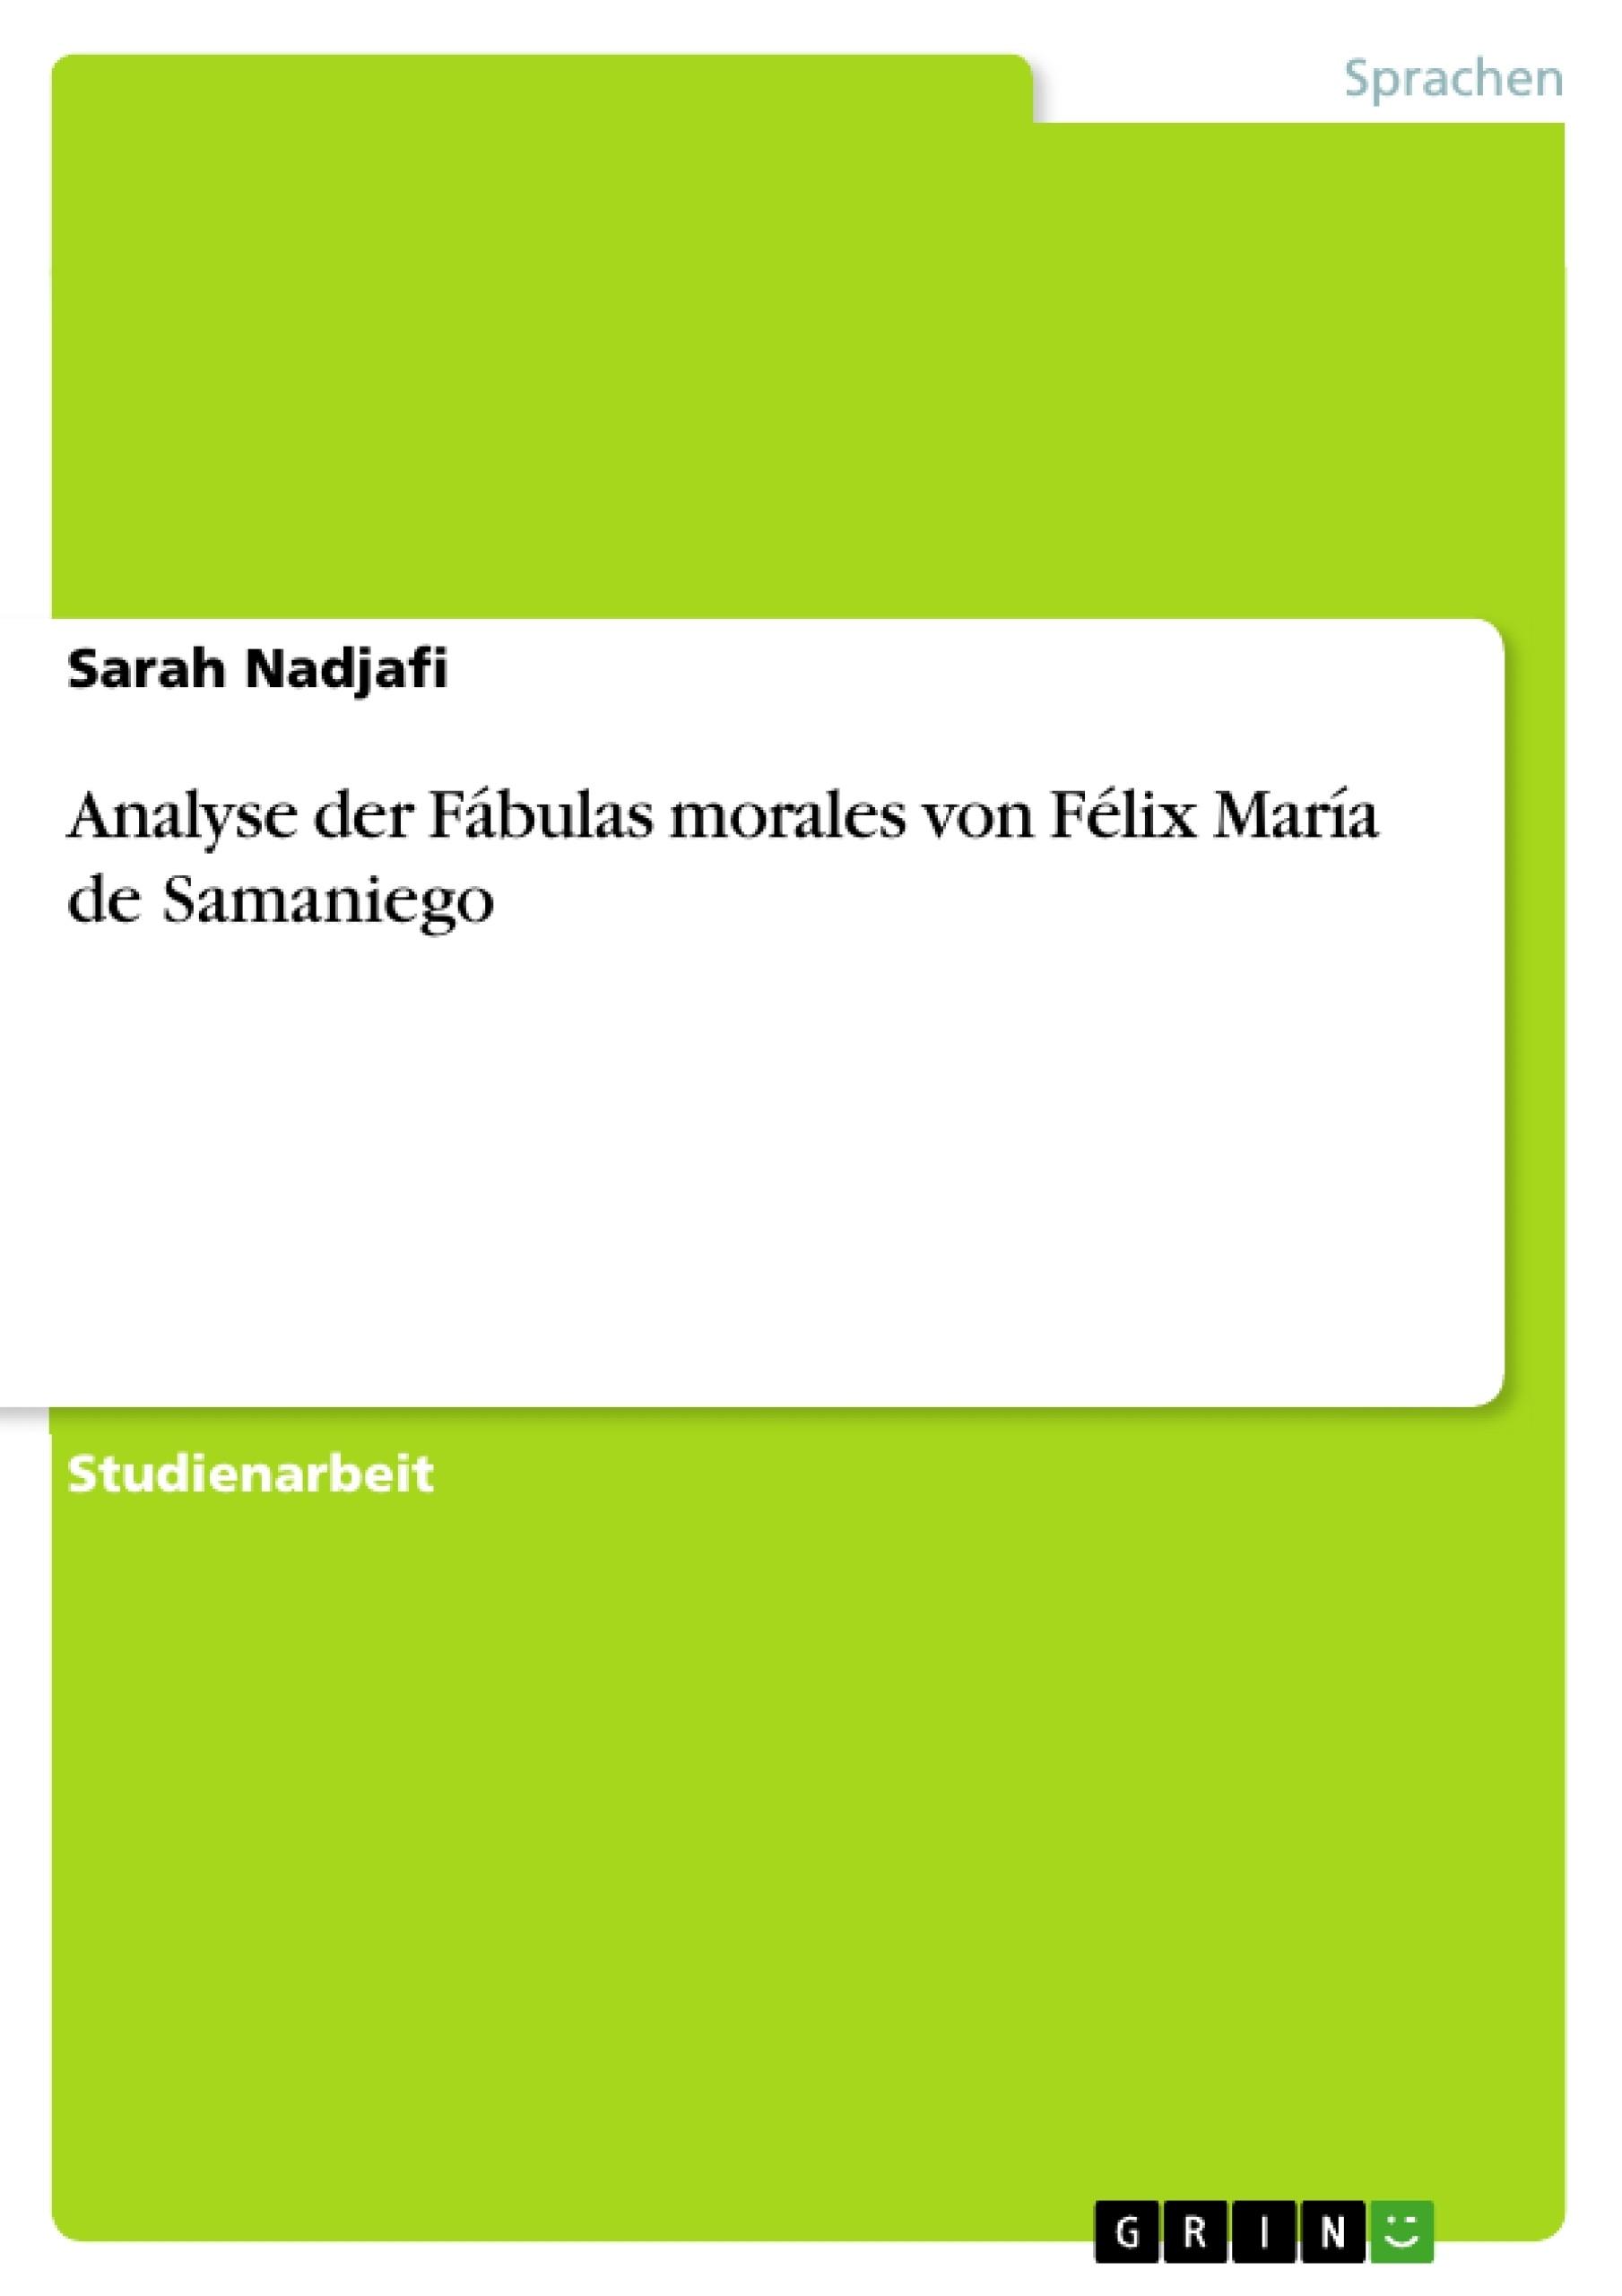 Titel: Analyse der Fábulas morales von Félix María de Samaniego